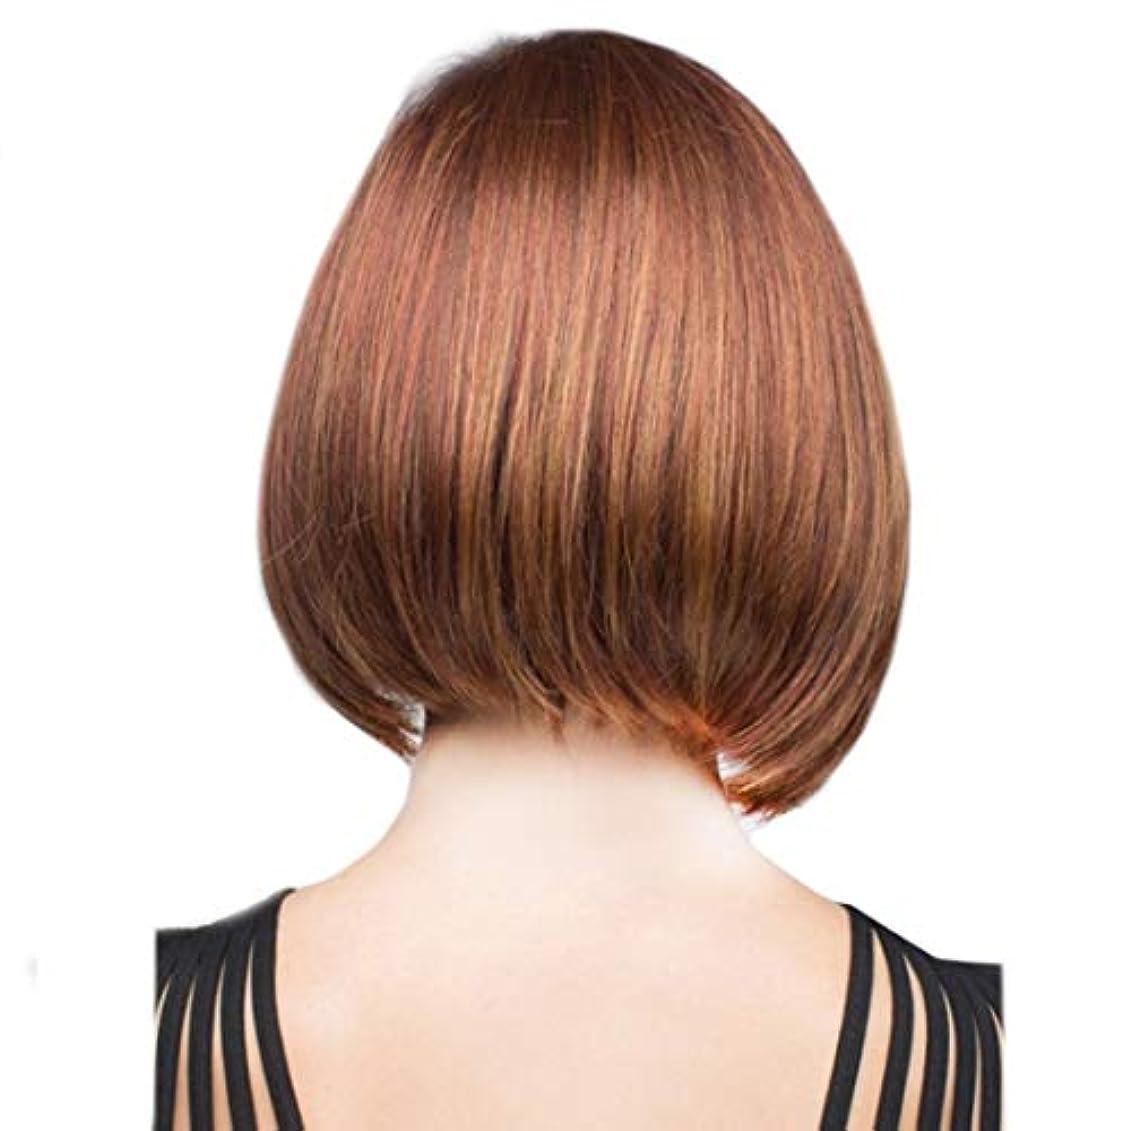 のど不平を言うオーディションKerwinner ショートボブの髪ウィッグストレート前髪付き合成カラフルなコスプレデイリーパーティーウィッグ本物の髪として自然な女性のための